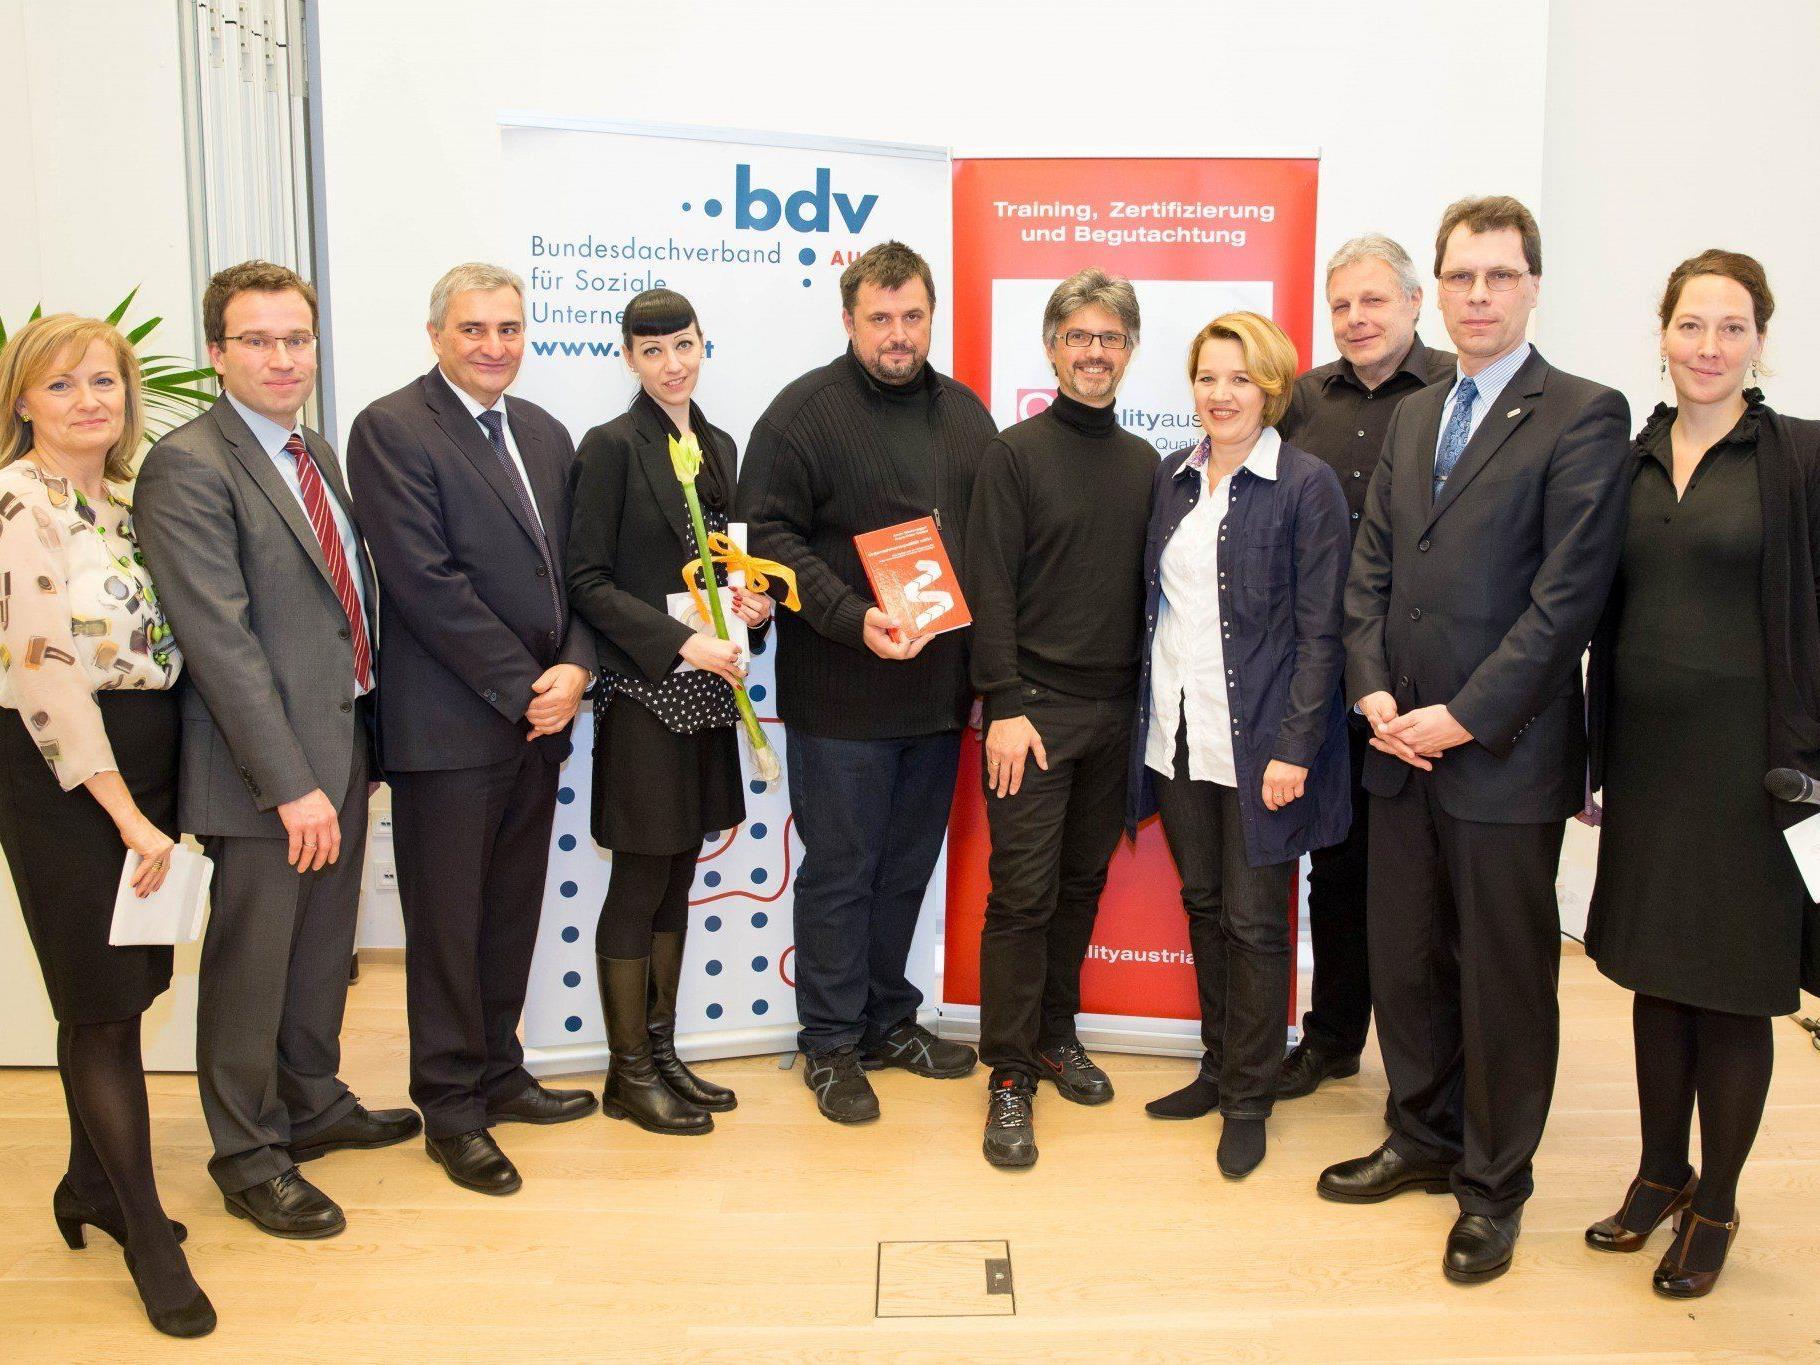 """Die Dornbirner Jugendwerkstätten (DJW) wurden 2013 mit dem """"Gütesiegel für Soziale Unternehmen"""" ausgezeichnet."""